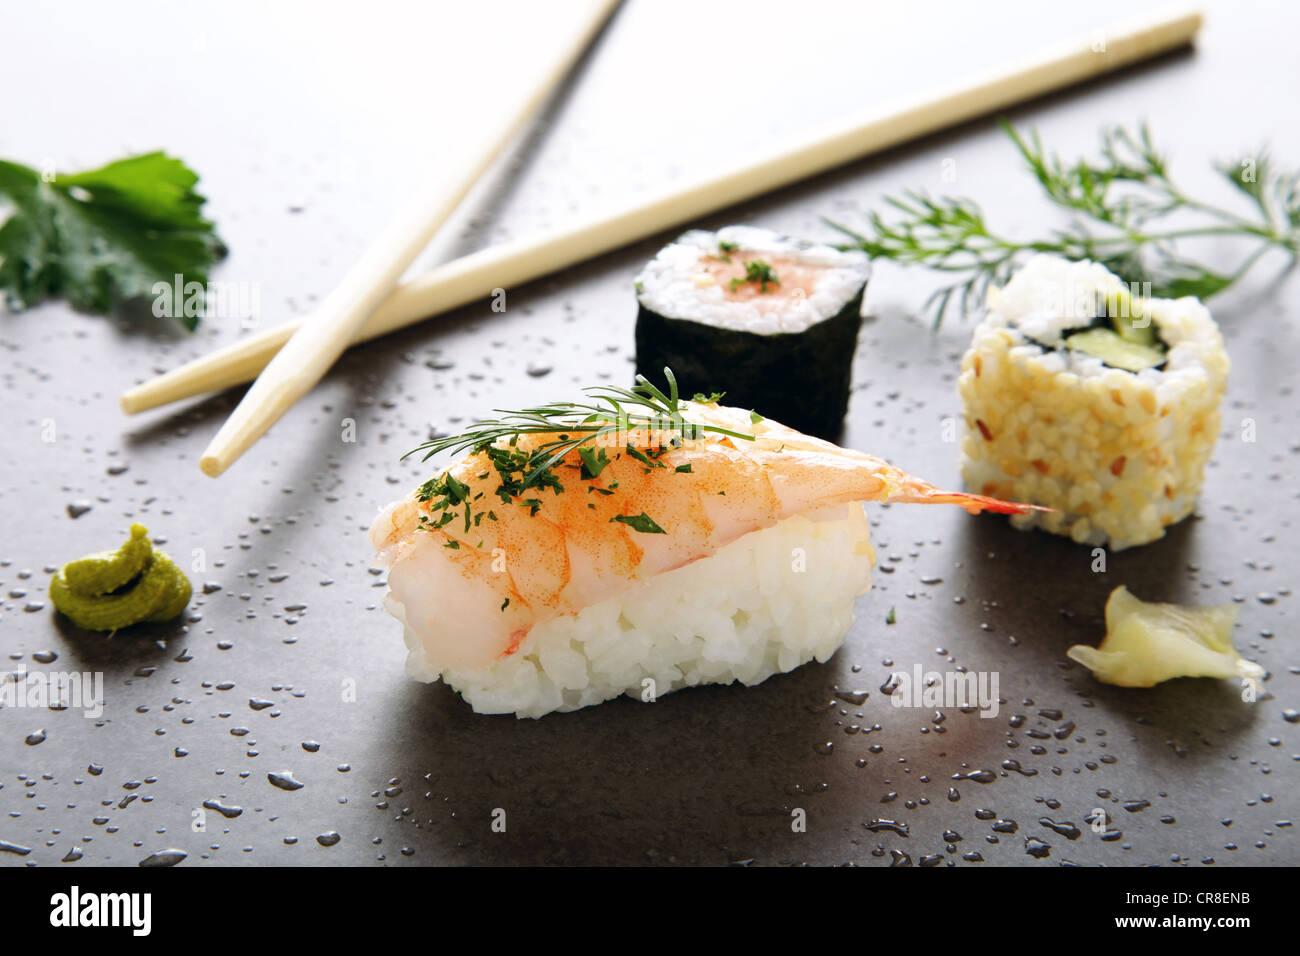 Surtido de sushi con jengibre y wasabi sobre una superficie de piedra Imagen De Stock